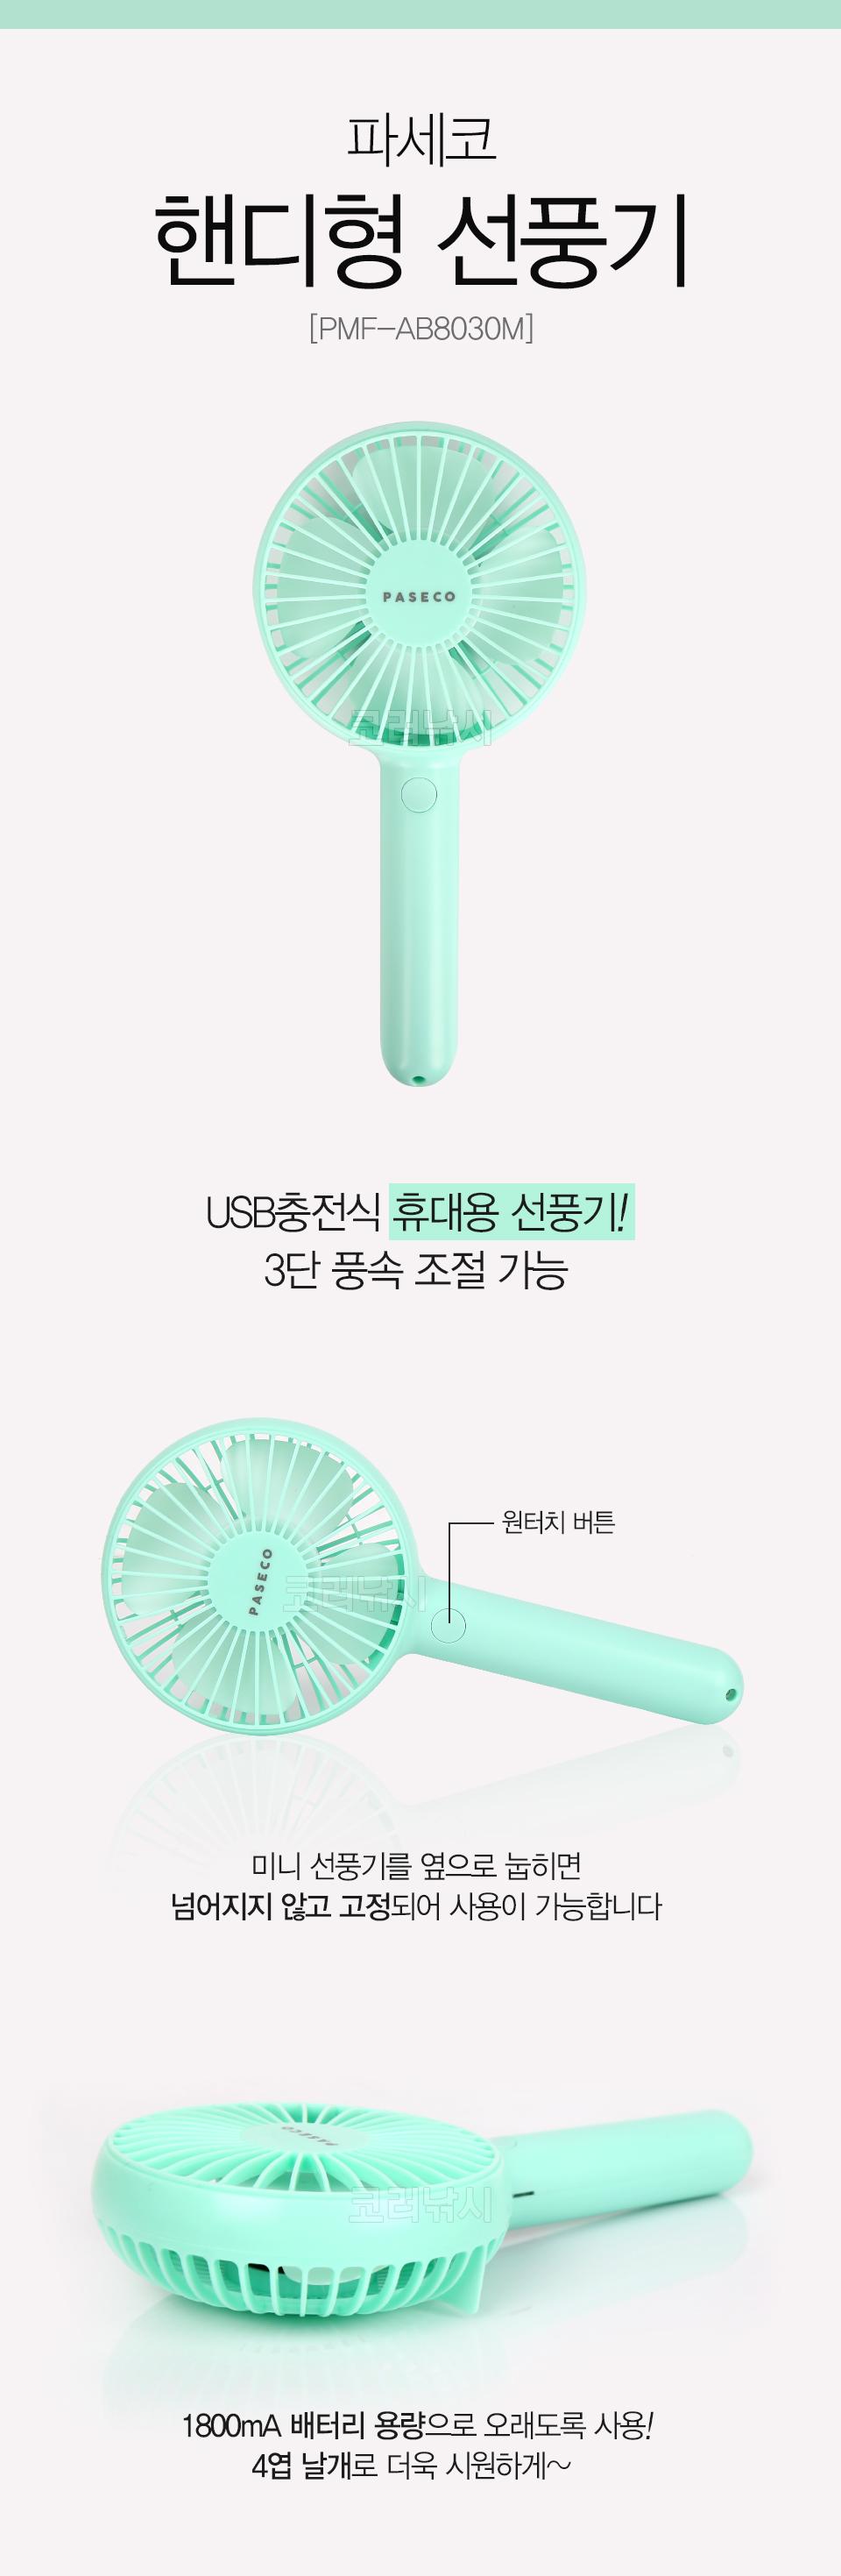 파세코 핸디형 선풍기 (PMF-AB8030M) HANDYFAN 미니선풍기 핸드선풍기 소형선풍기 이동형선풍기 포켓선풍기 탁상선풍기